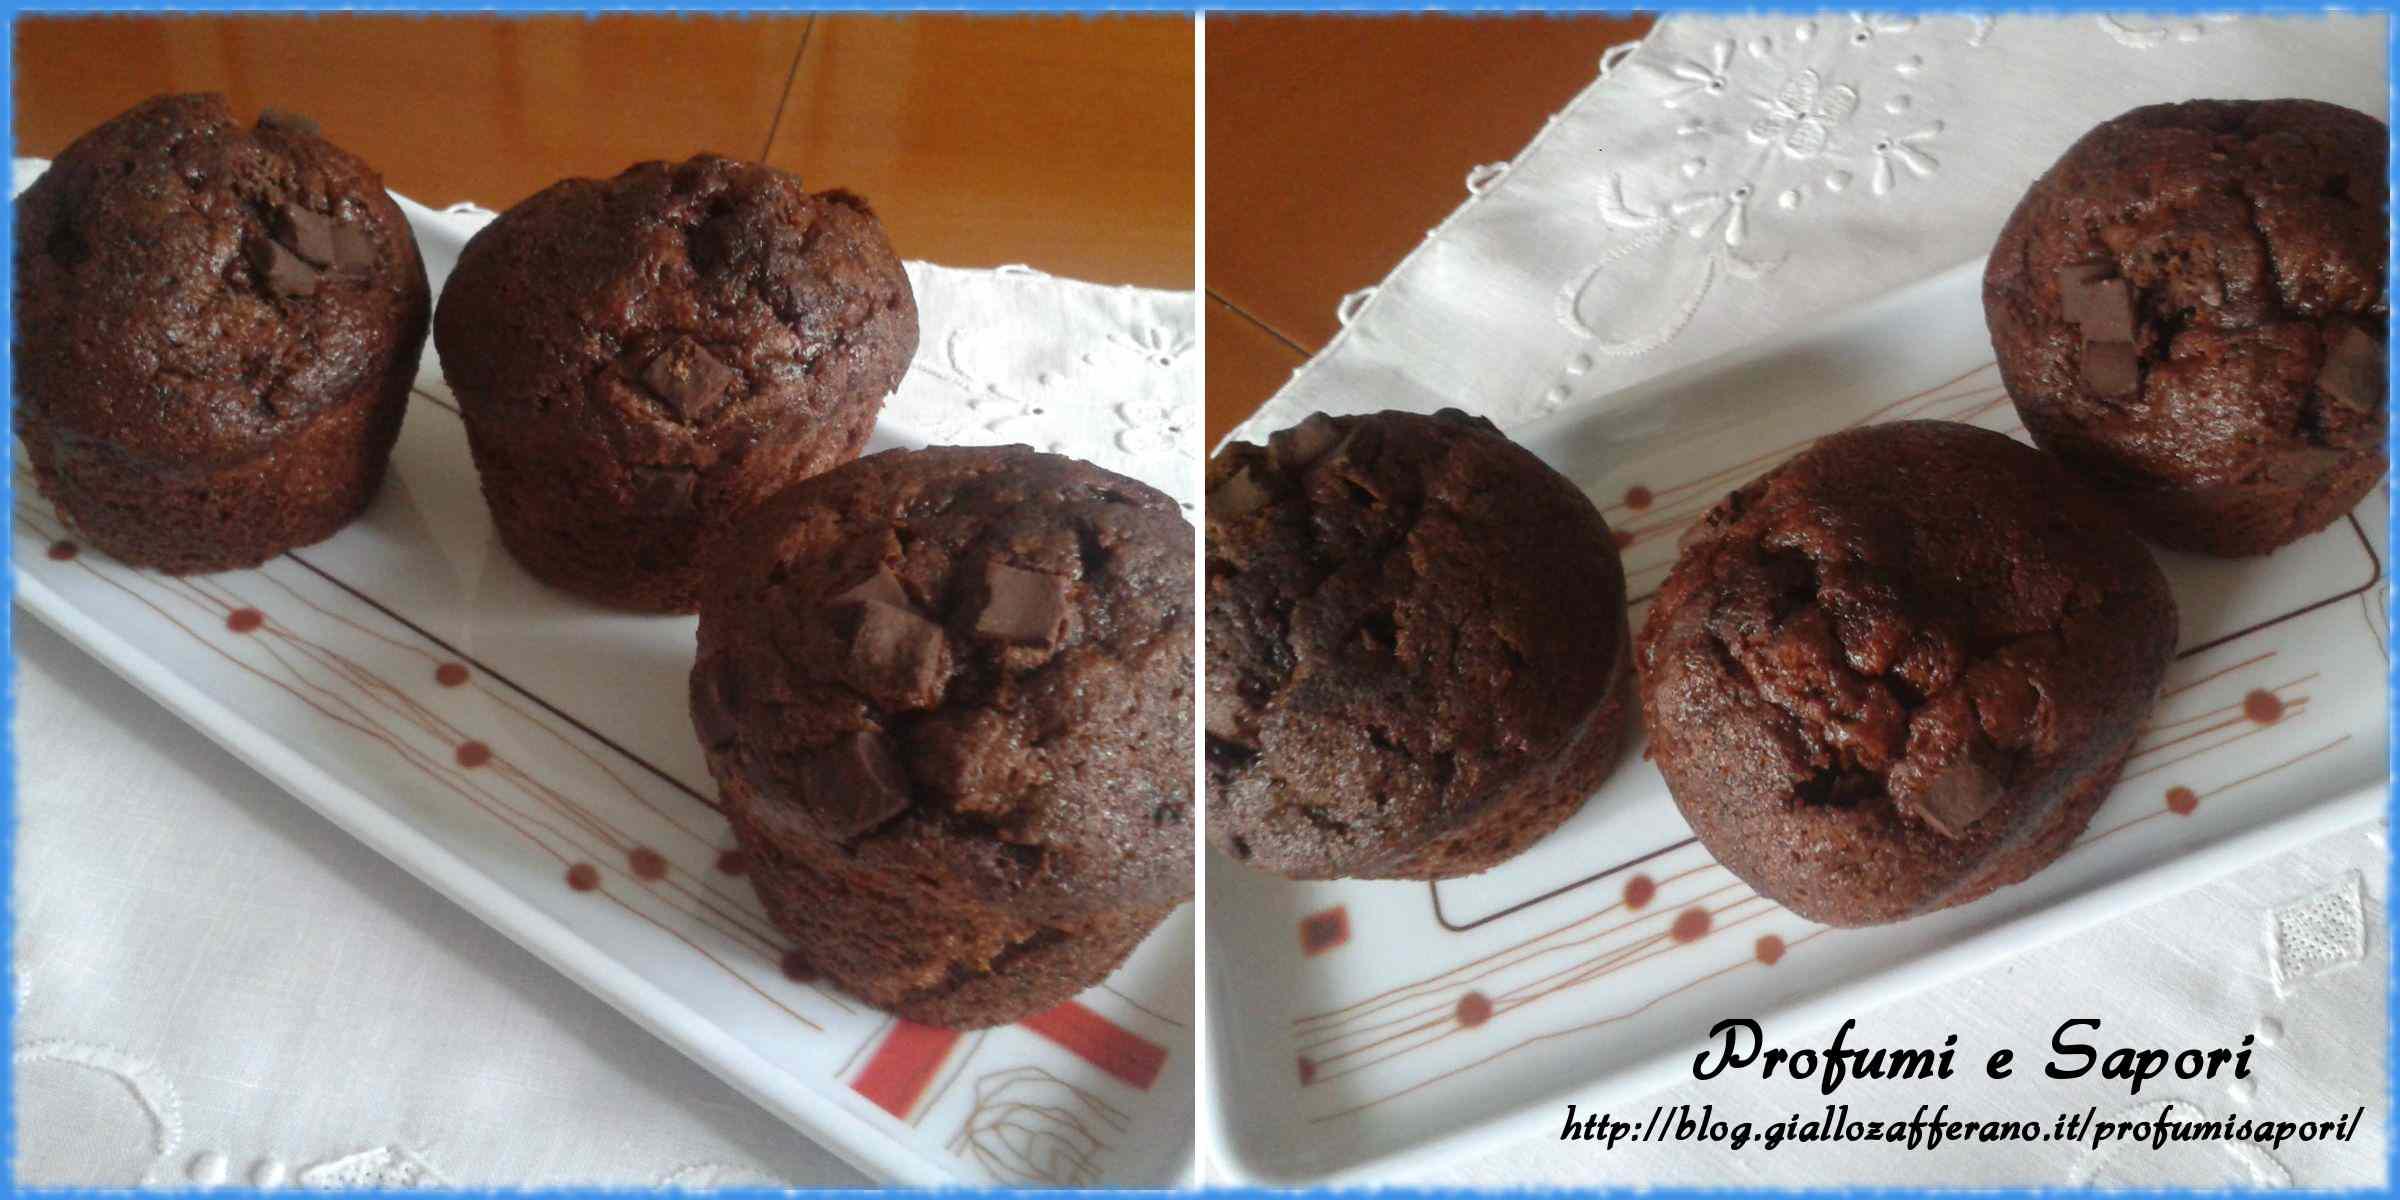 Ricetta: Muffins al doppio cioccolato